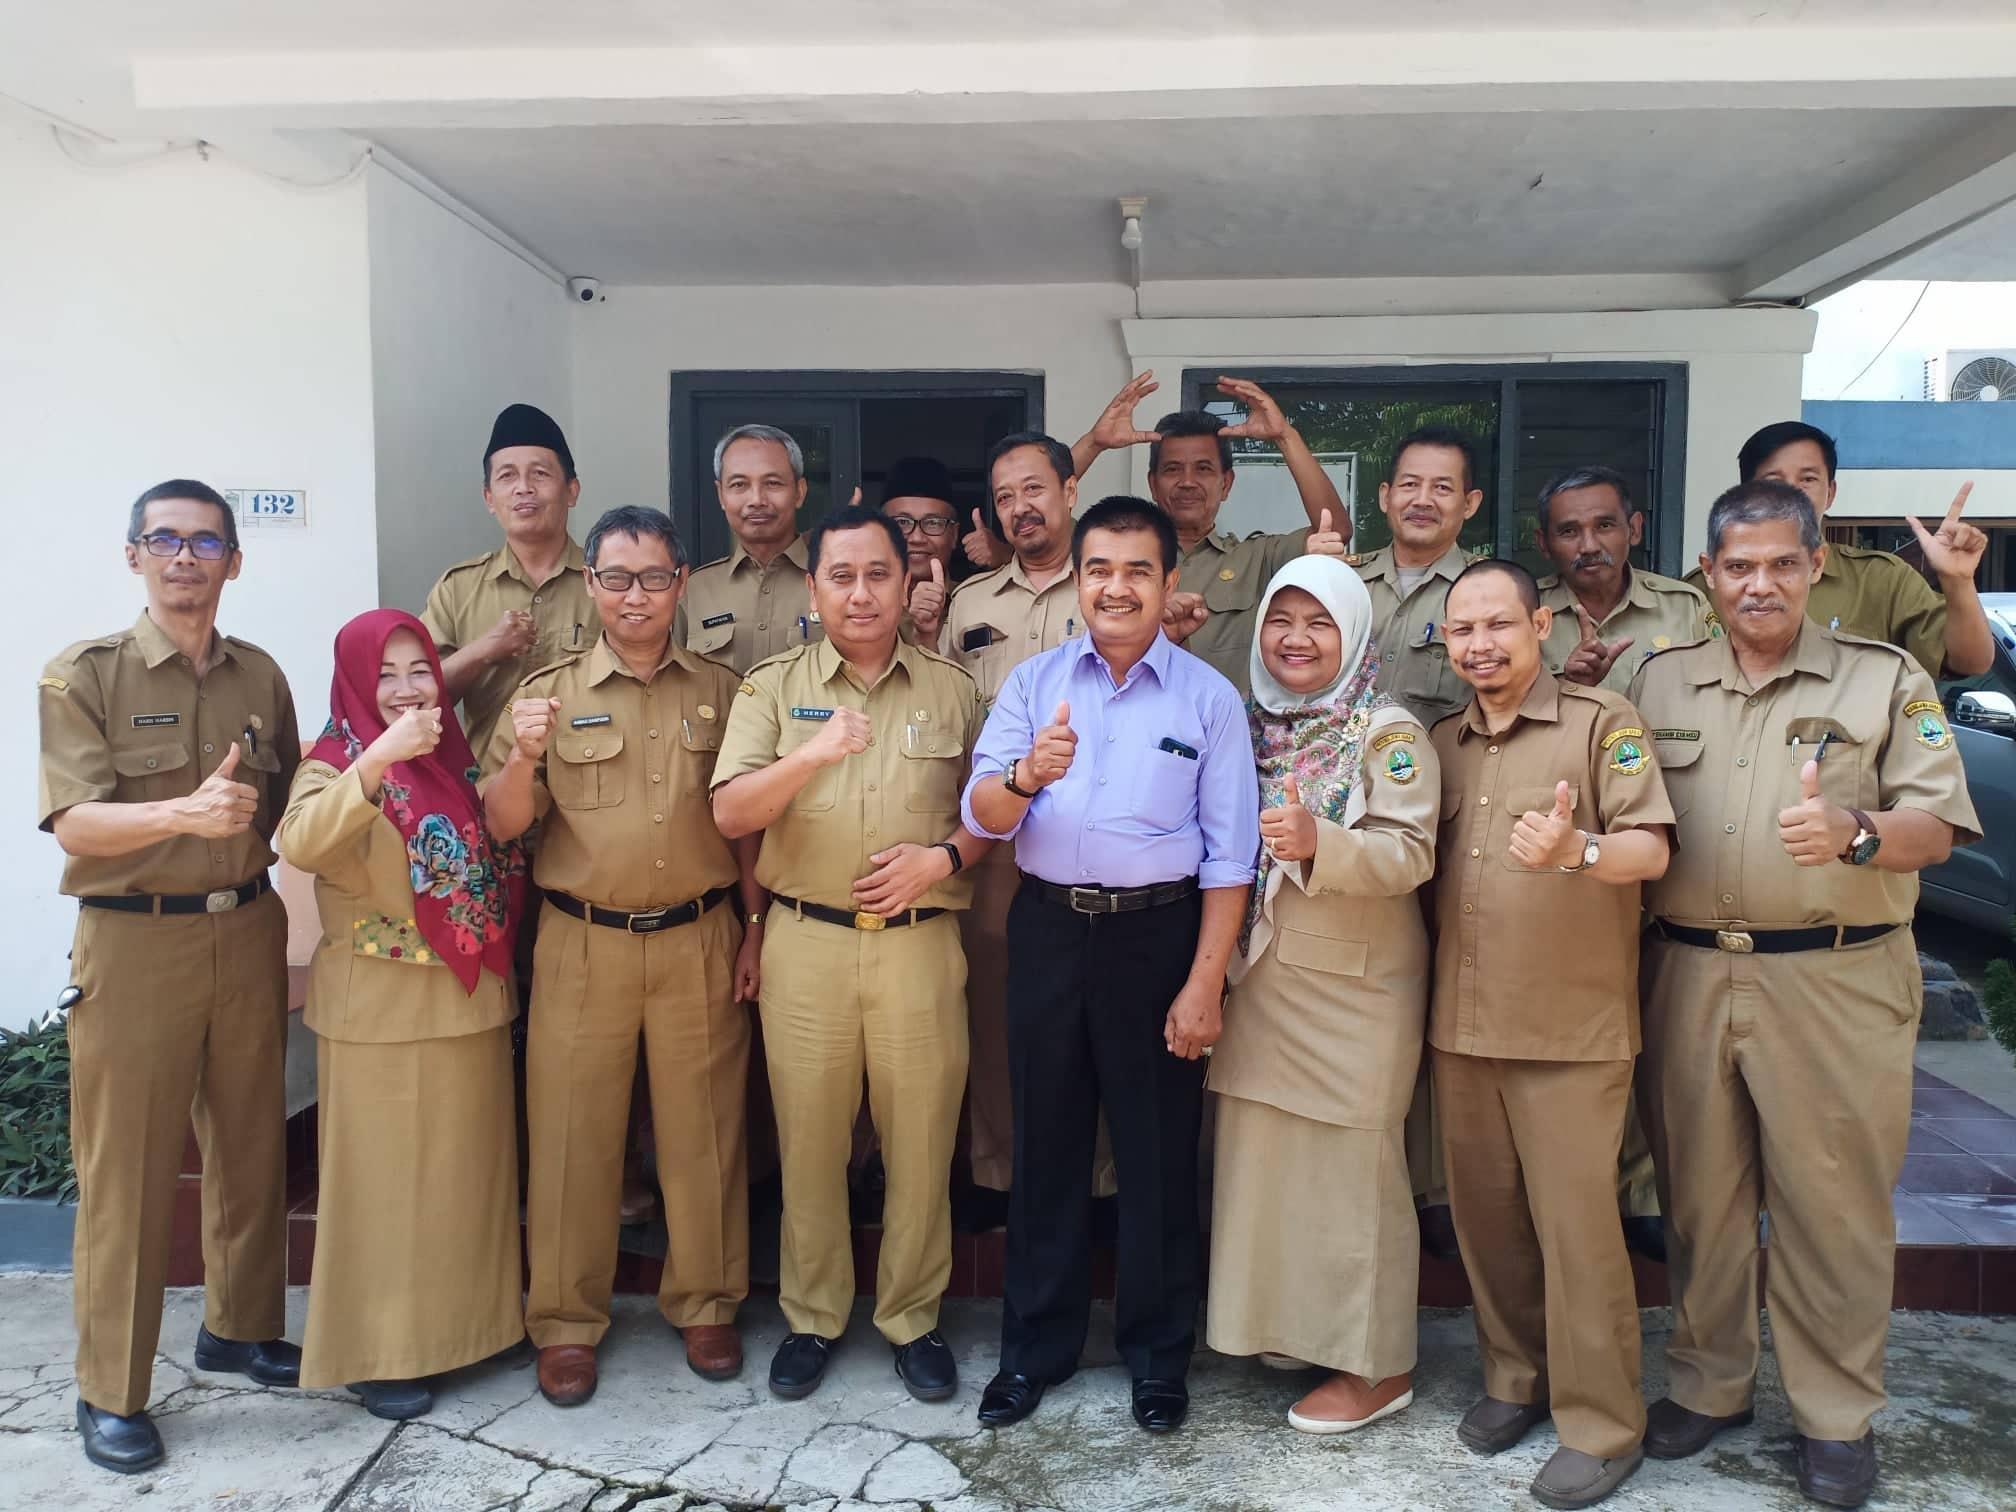 Kepala Cabang Dinas XIII, Herry Pansila serta jajaranya berfoto bersama Ahmad Sarifudin dan Nana Sukmana, Pengawas Pembina di KCD XIII yang memasuki masa purnabakti